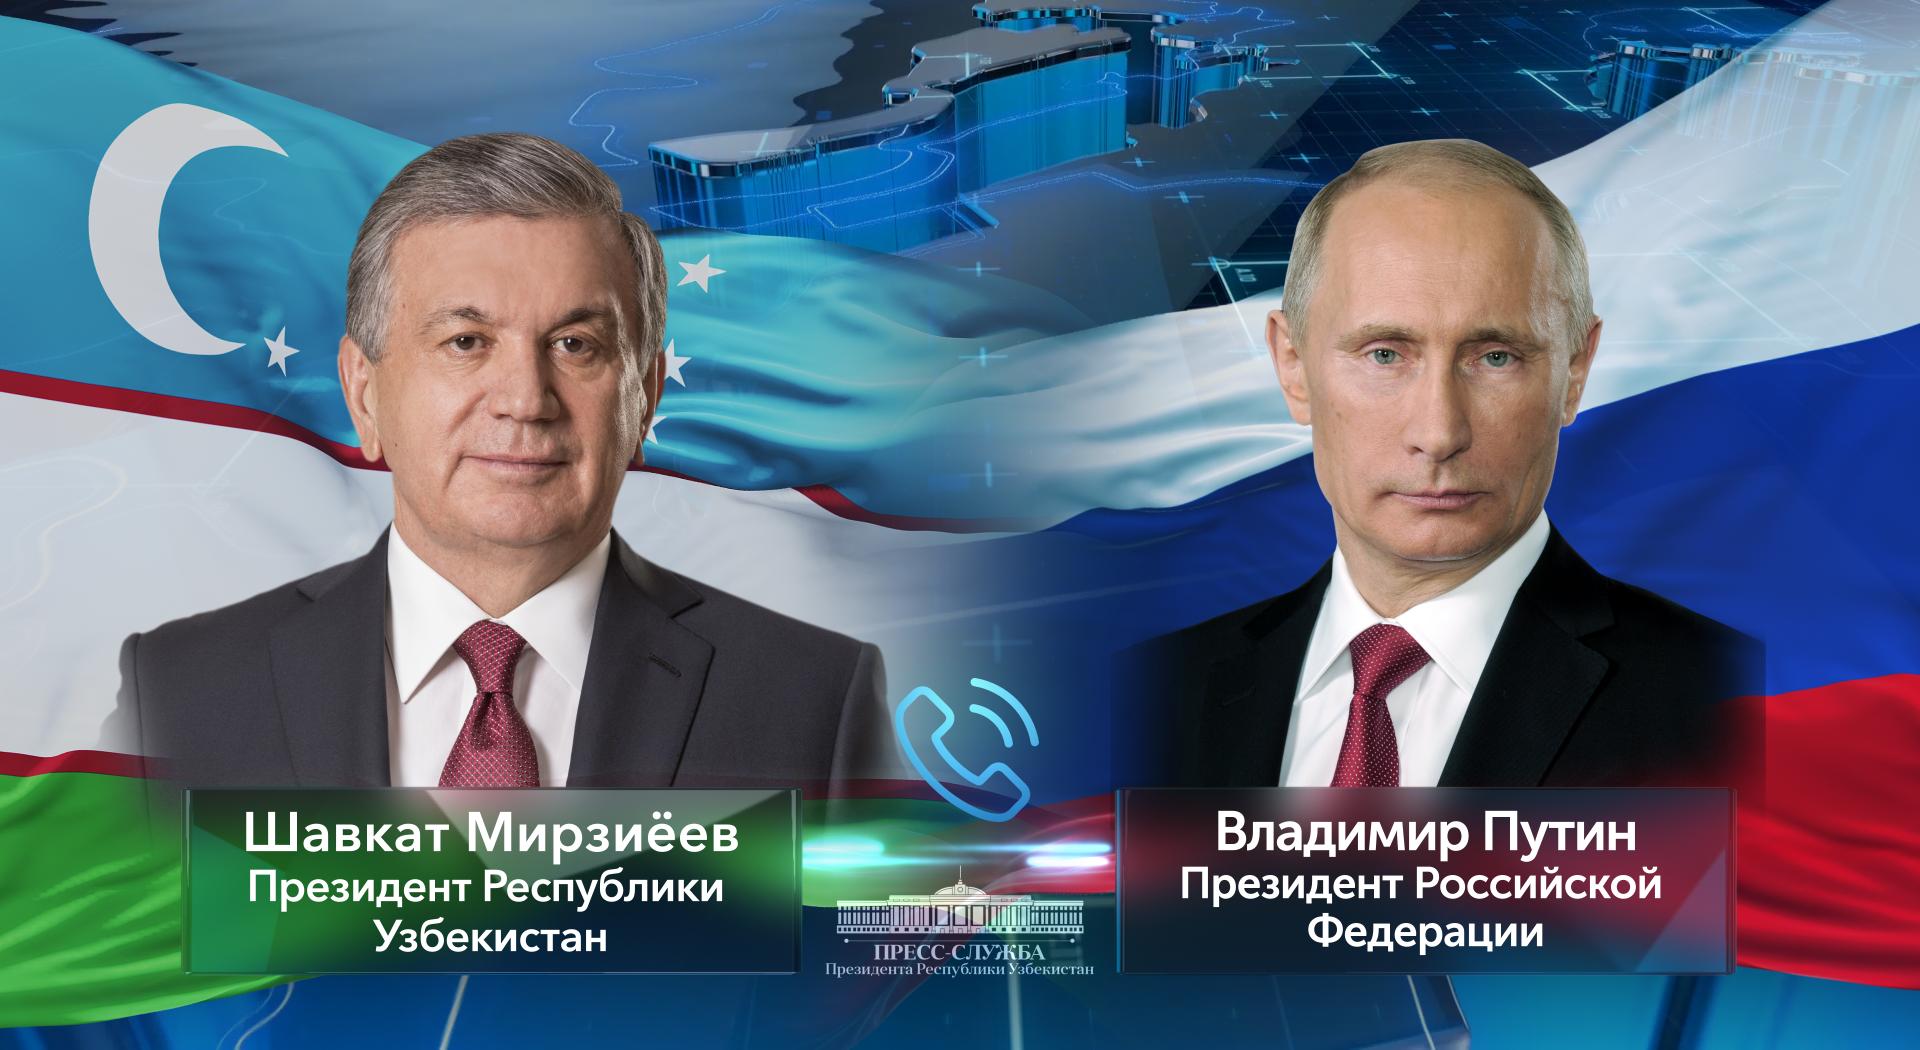 Мирзиеев и Путин обменялись поздравлениями с наступающим праздником — 75-летием Победы над фашизмом